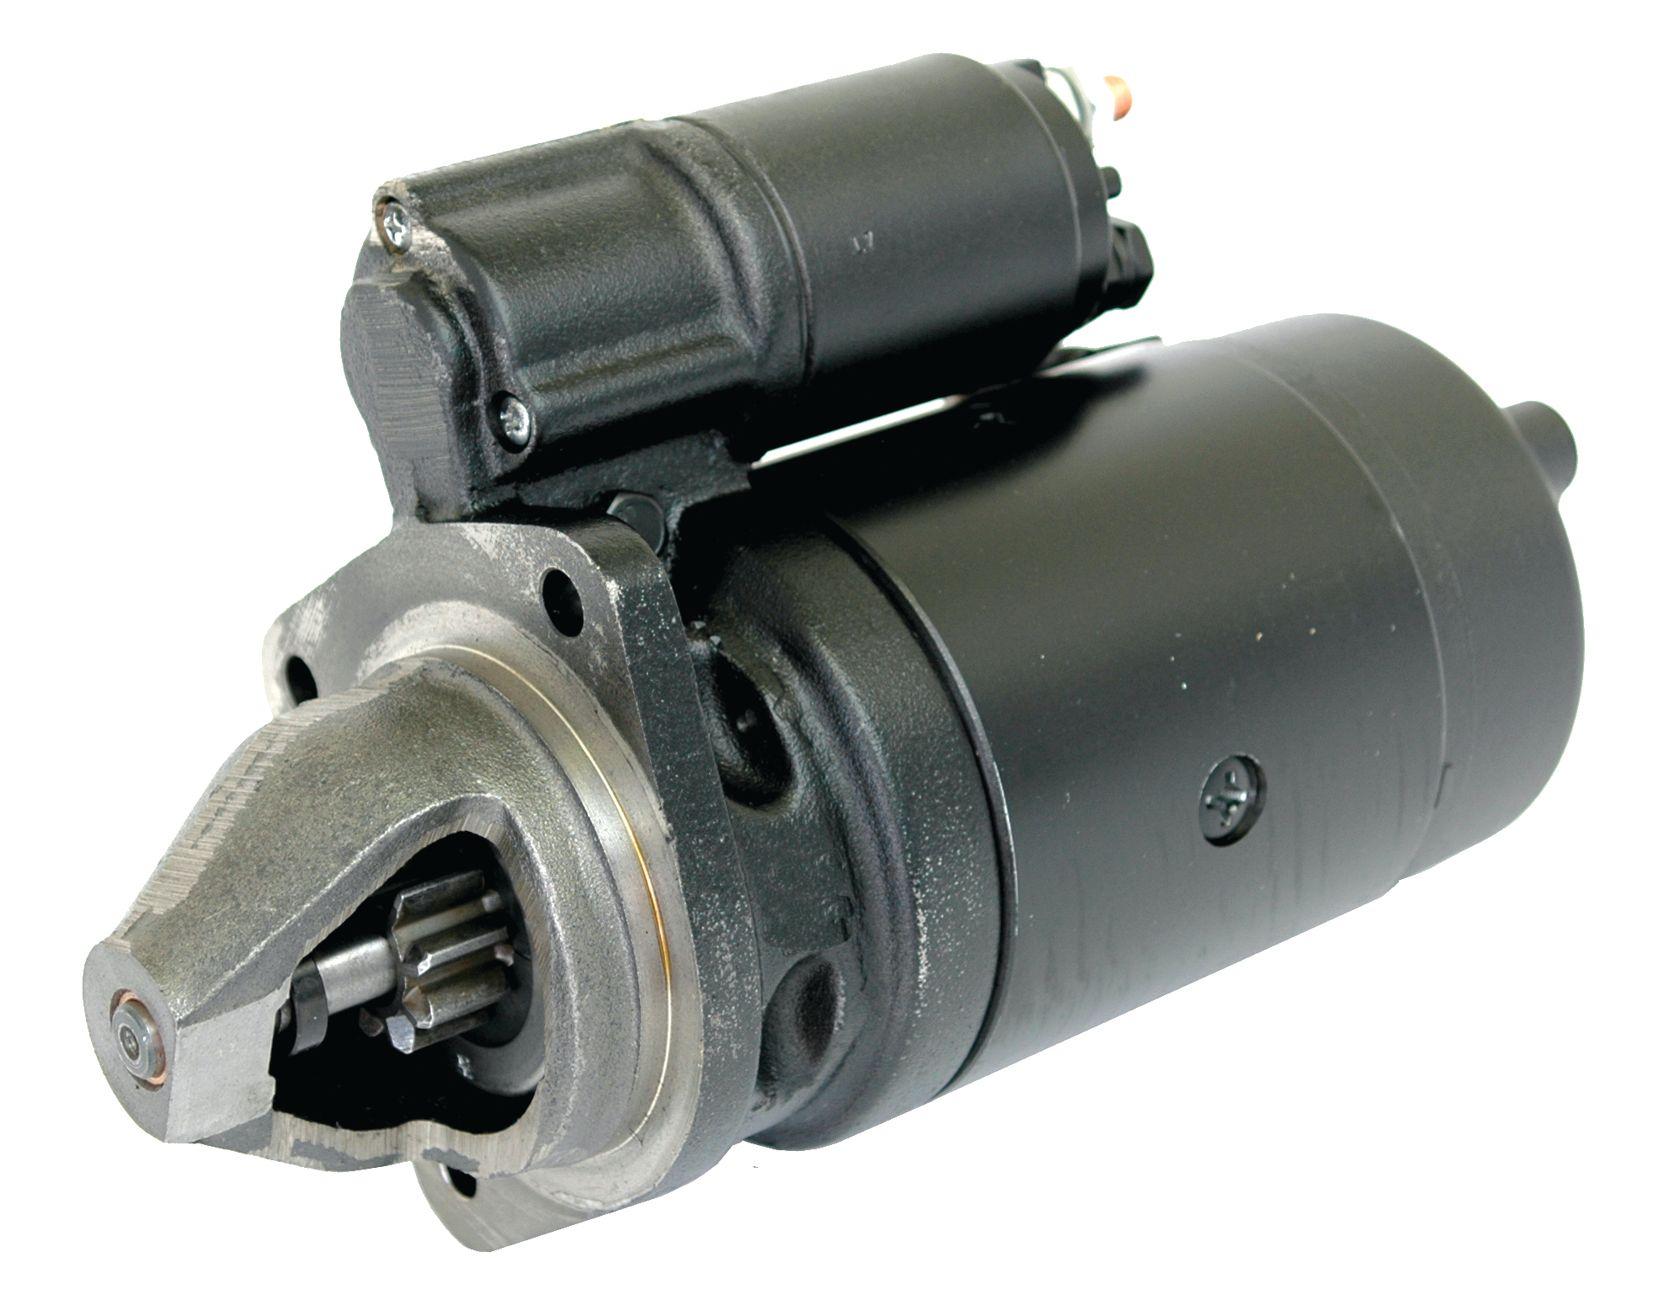 DEUTZ-FAHR STARTER MOTOR (ISKRA) 36117